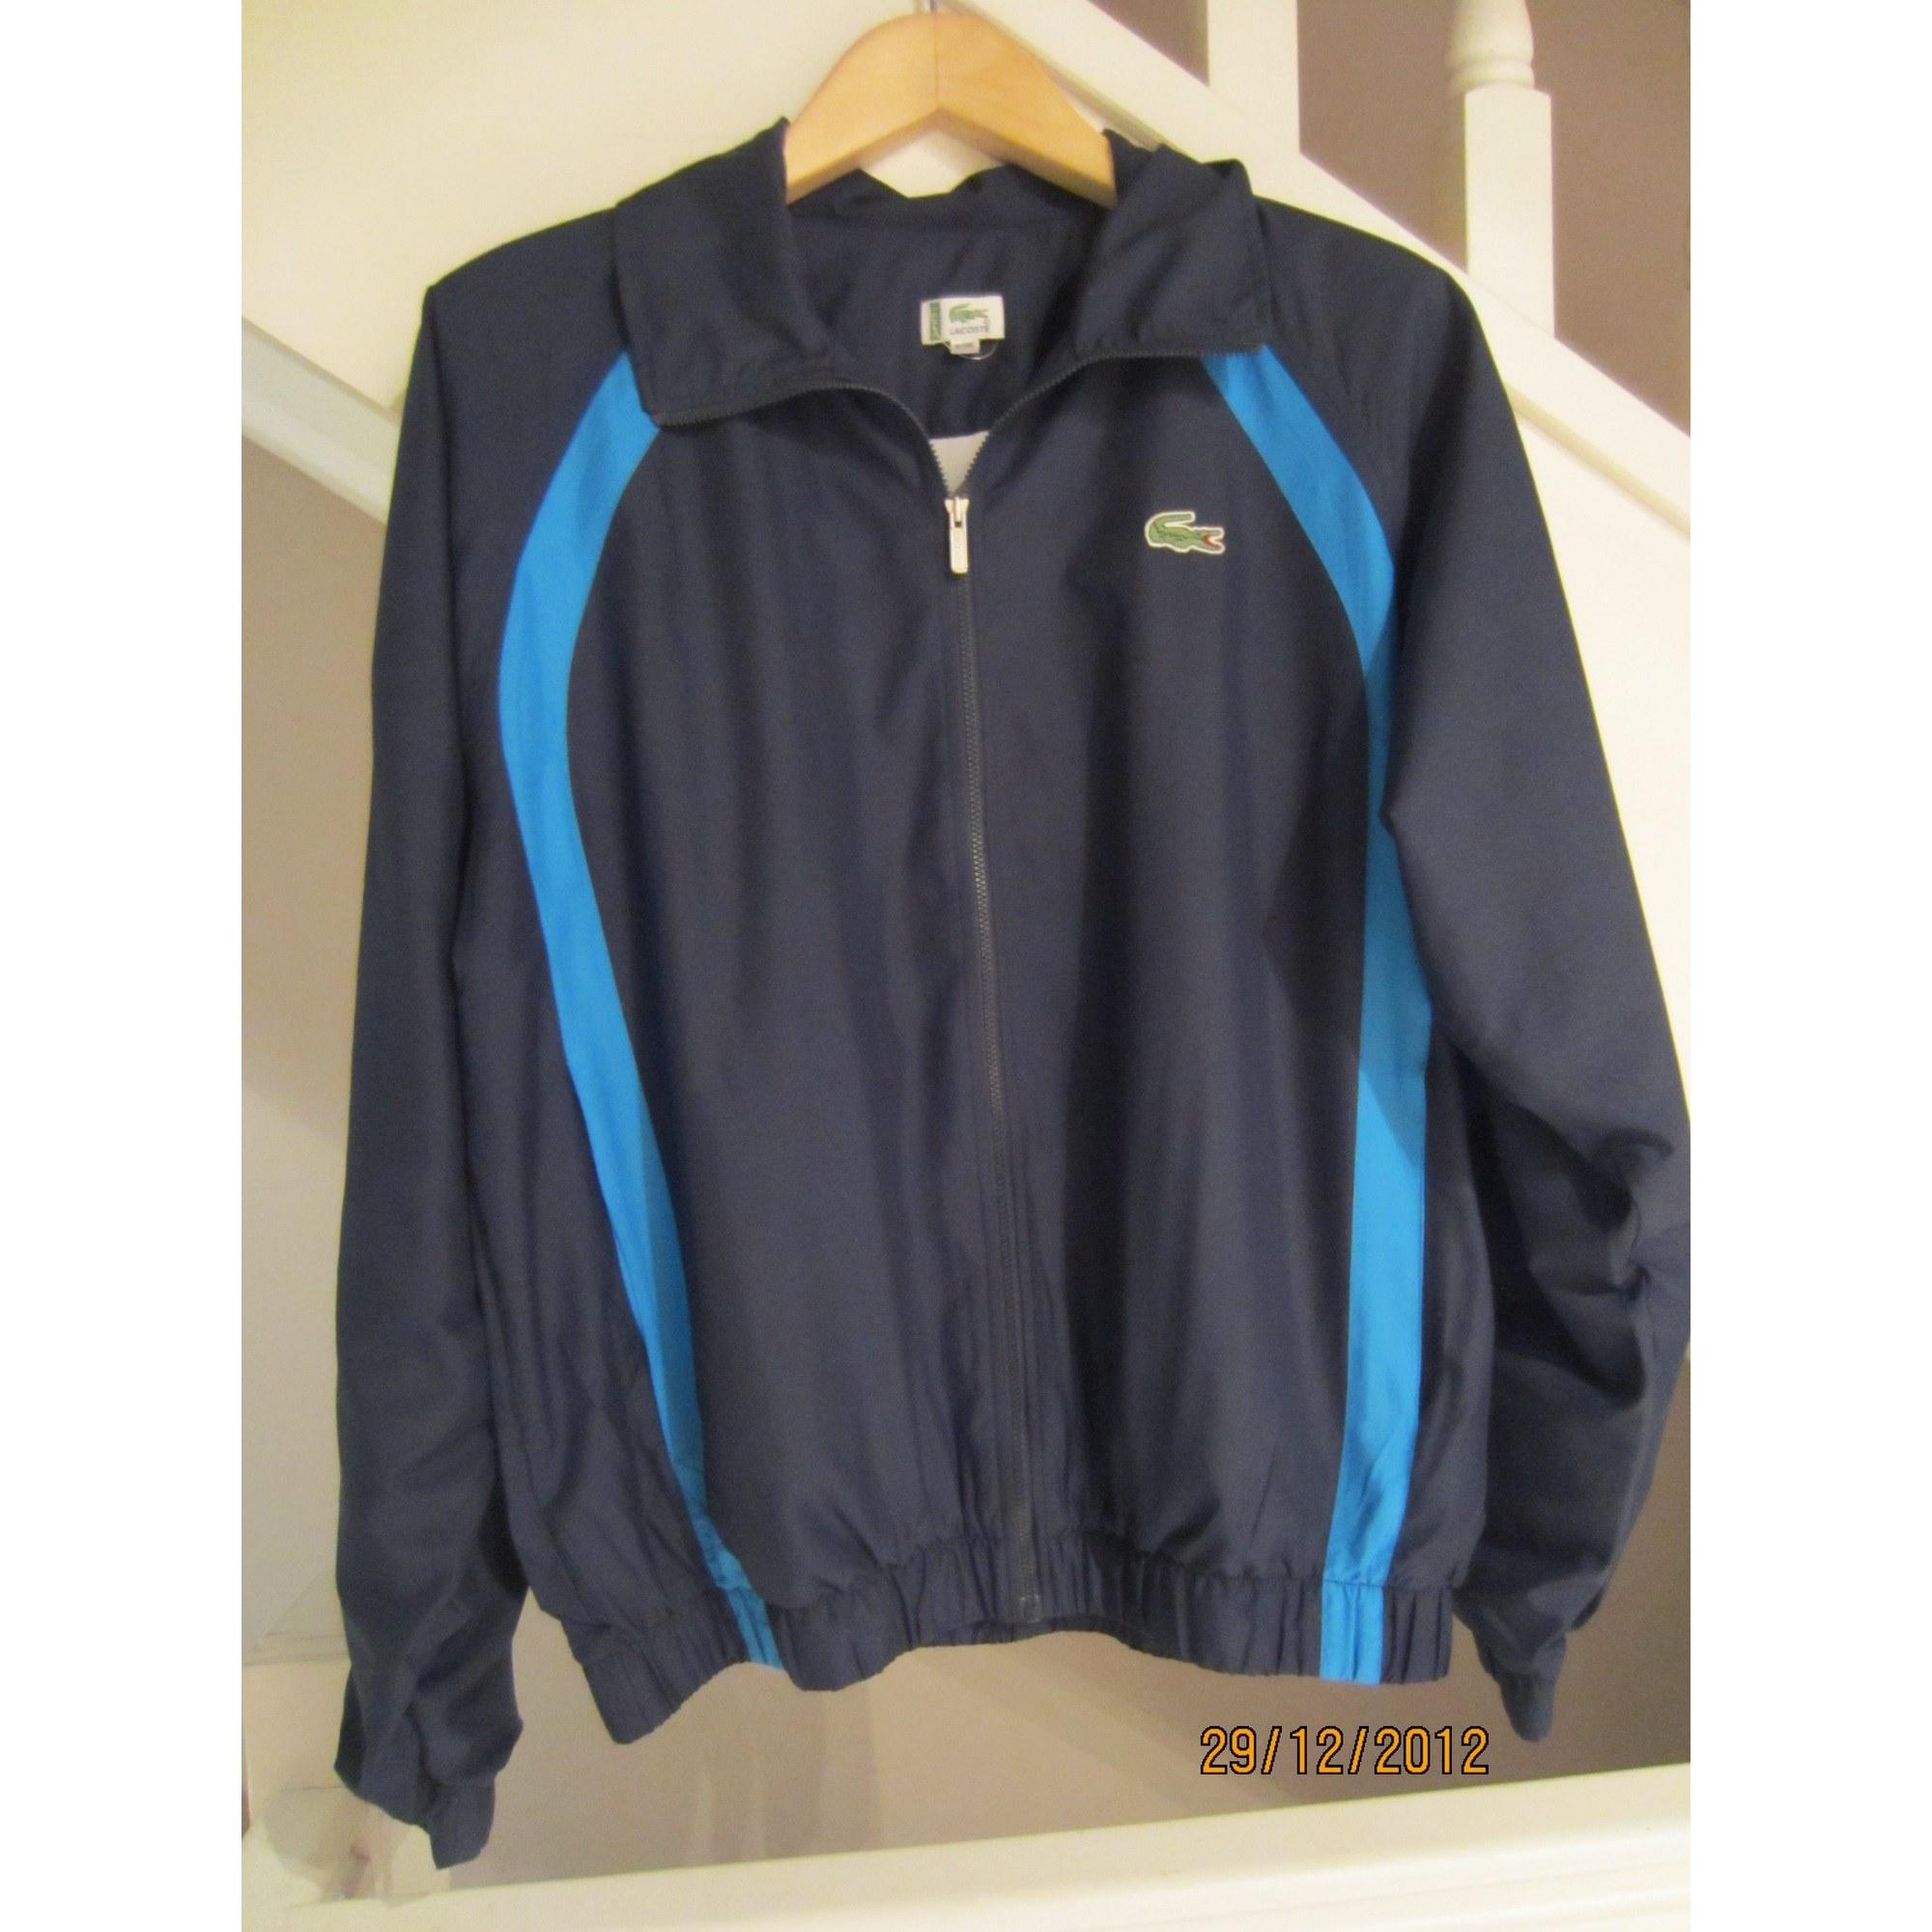 4df7d42897 Haut de survêtement LACOSTE 54 (L) bleu vendu par Kiwi75016103332 ...